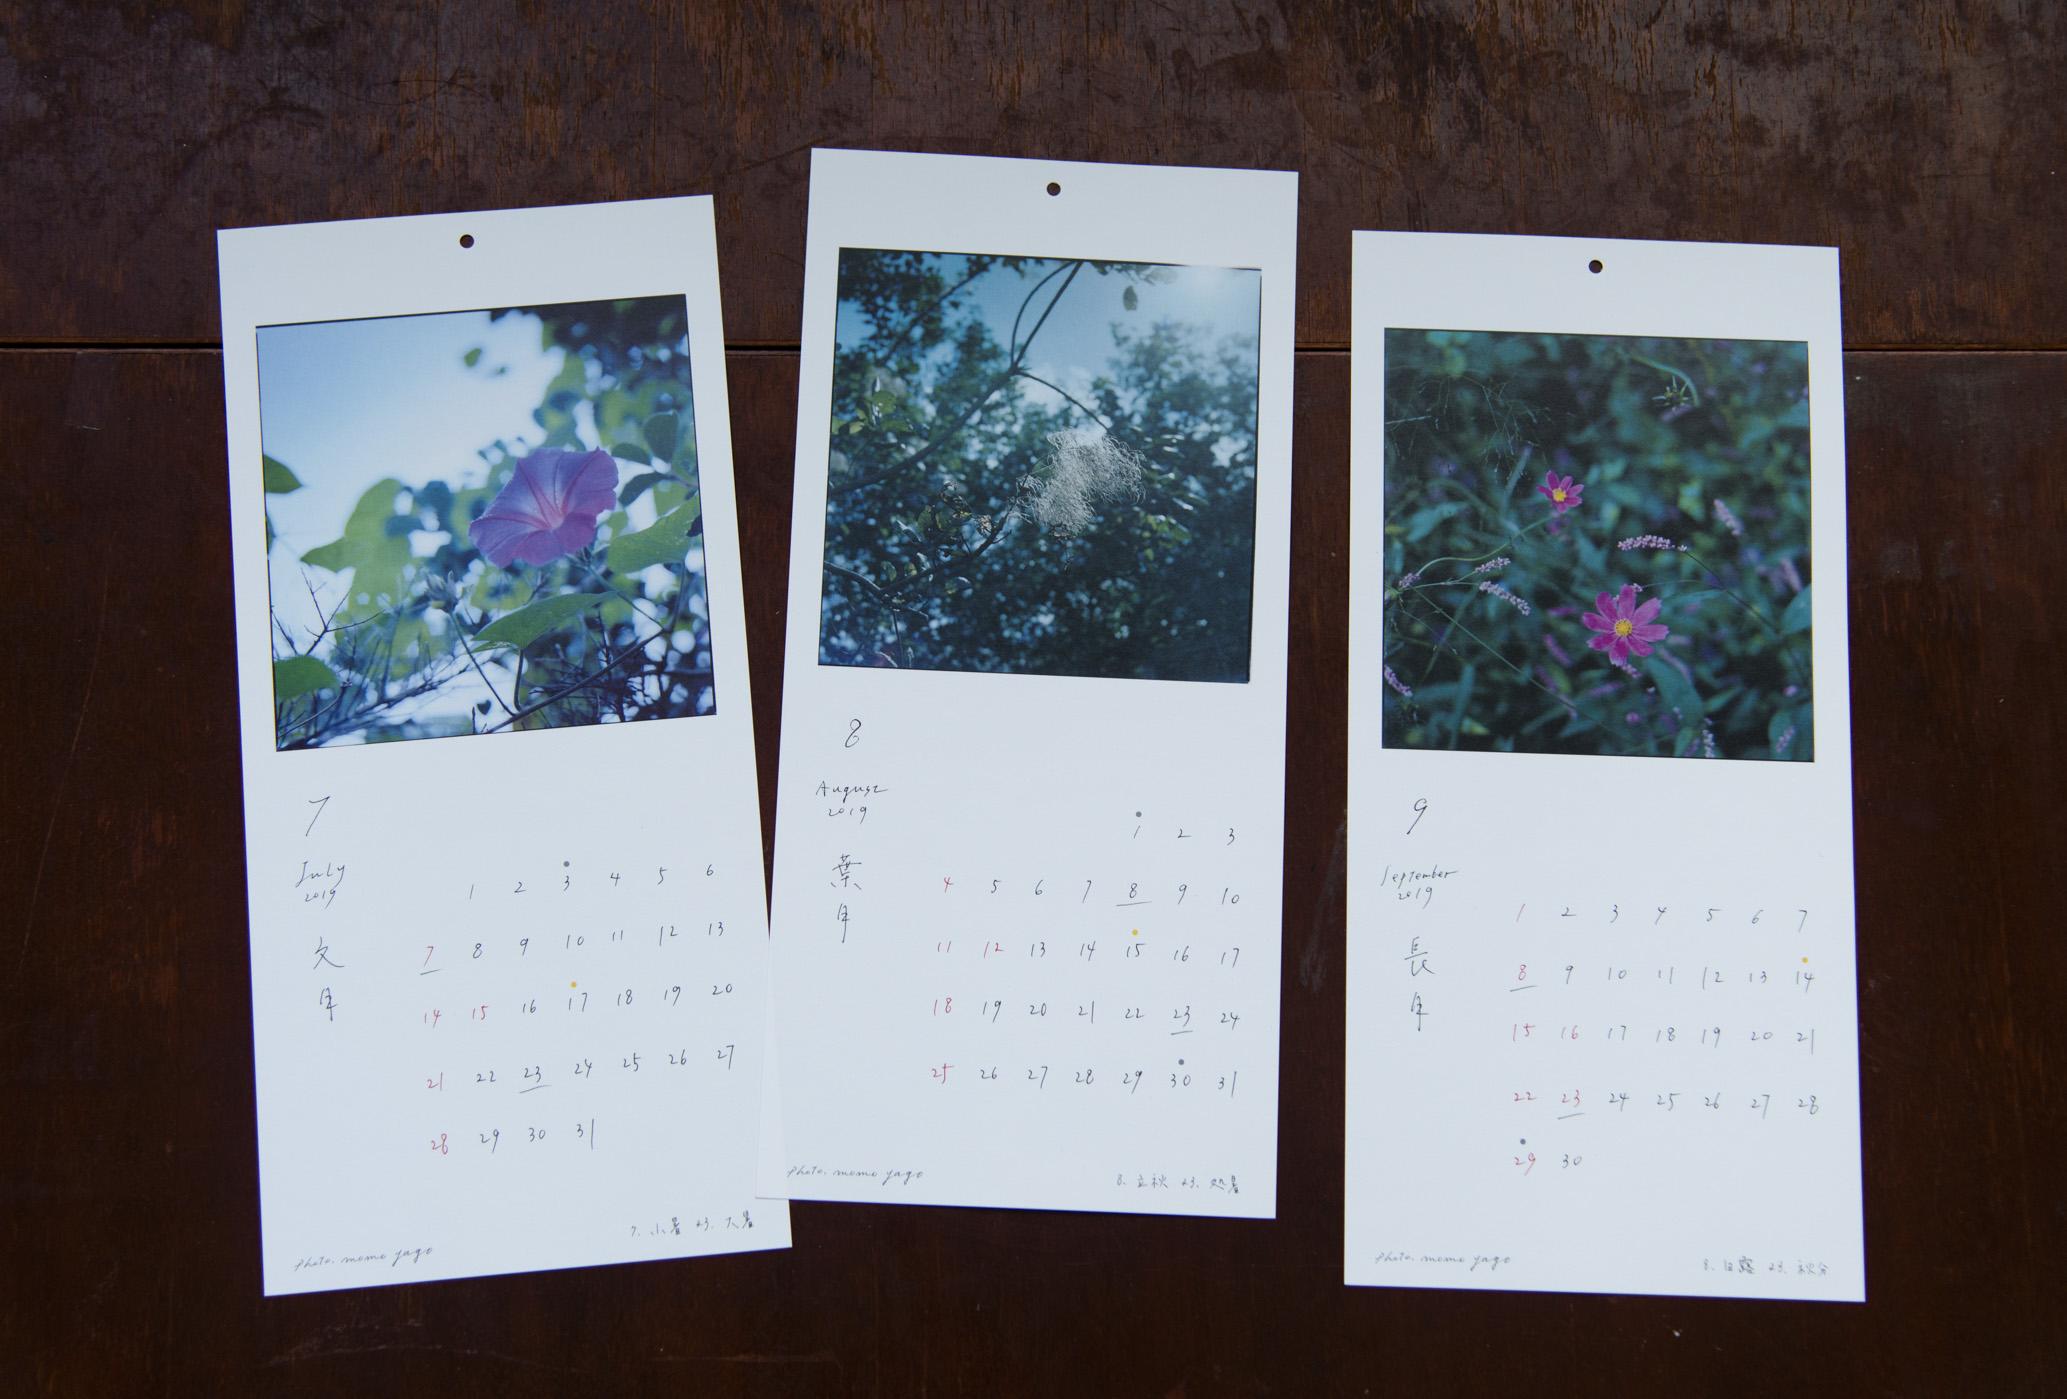 七月:アサガオ 八月:スモークツリー 九月:コスモスとイヌタデ